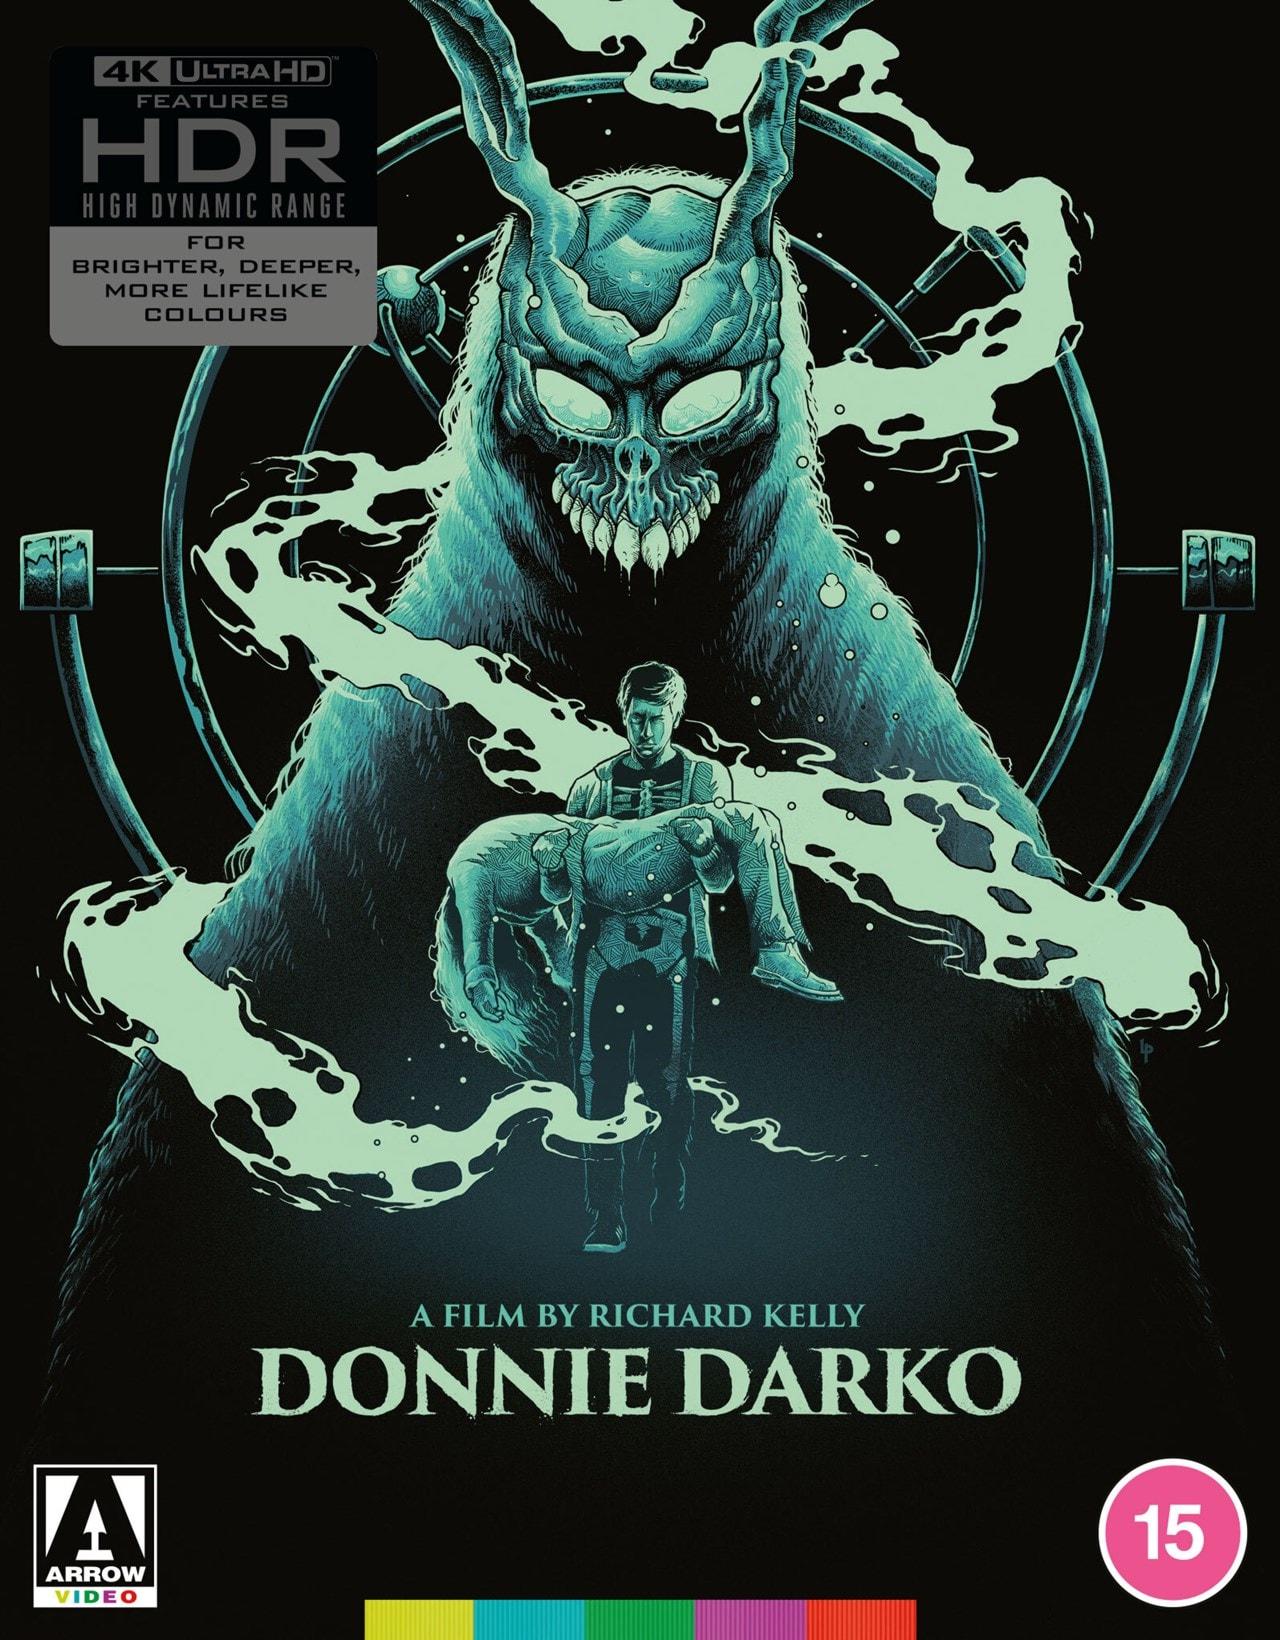 Donnie Darko: Limited Edition 4K Ultra HD Blu-ray - 2